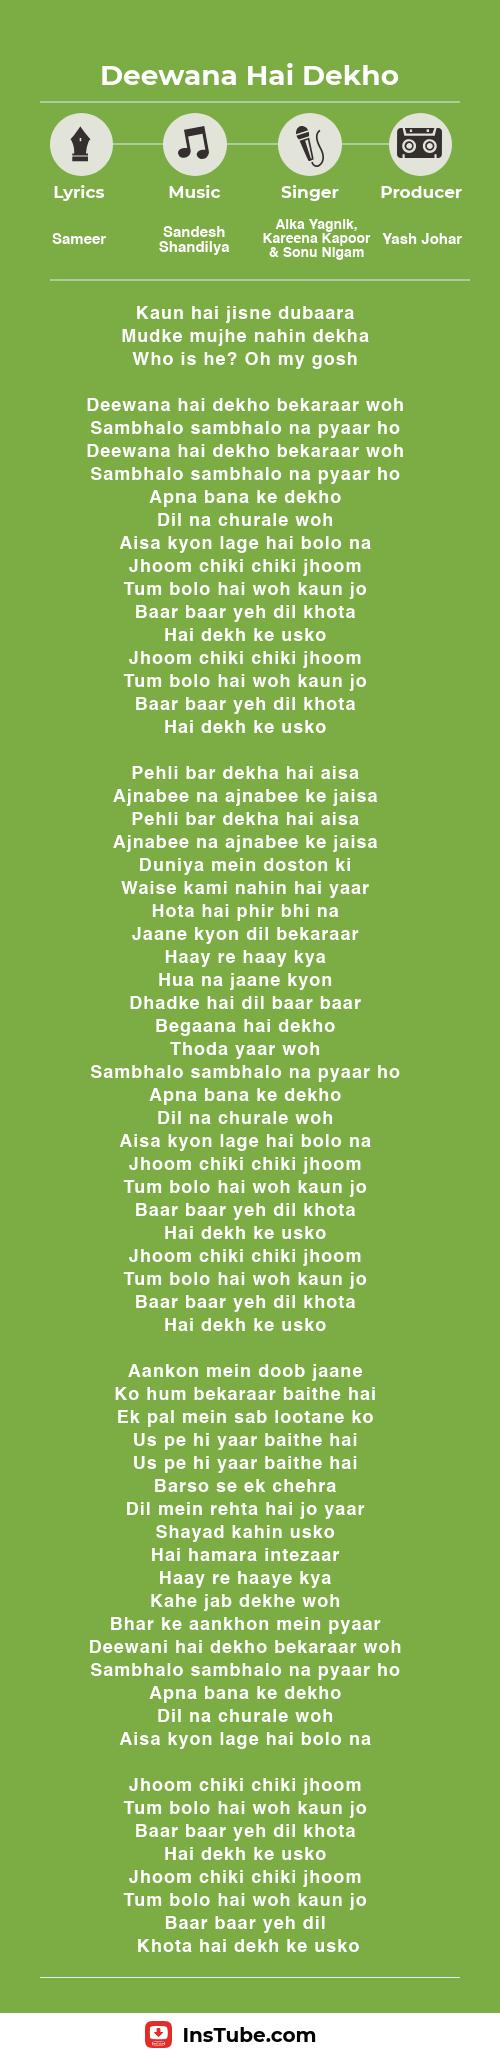 InsTube Kabhi Khushi Kabhi Gham… Deewana Hai Dekho lyrics